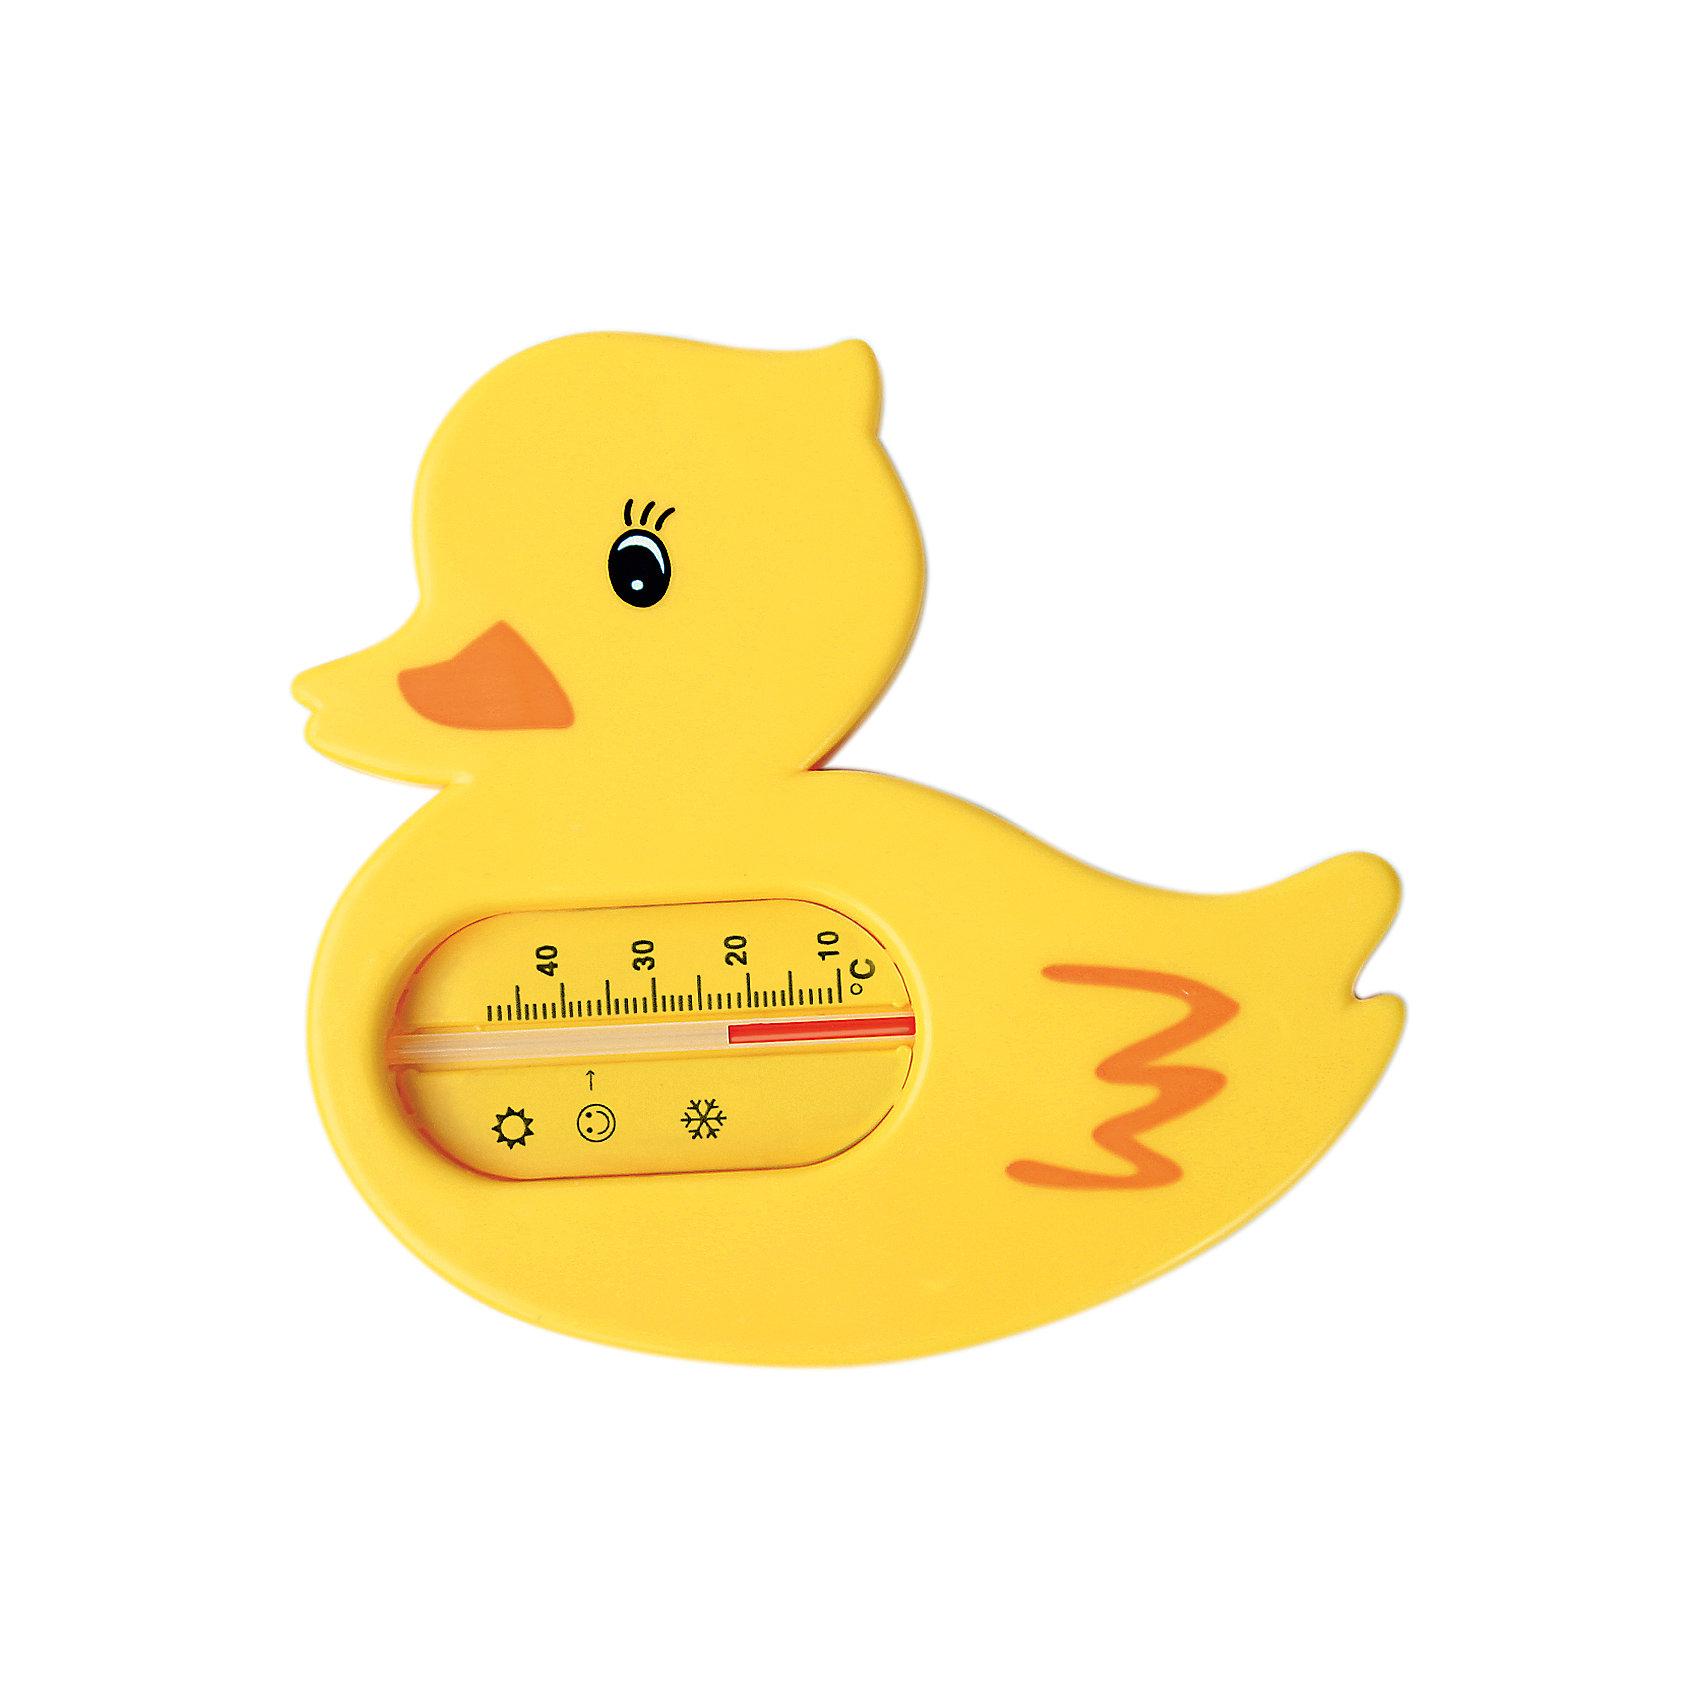 Термометр для ванной Уточка, Kurnosiki, желтыйХарактеристики:<br><br>• Наименование: термометр для ванны<br>• Материал: пластик<br>• Пол: универсальный<br>• Цвет: желтый<br>• Форма: уточка<br>• Тип шкалы: по Цельсию <br>• Максимальное значение: 48? С<br>• Минимальное значение: 10? С<br>• Нанесена отметка напротив оптимальной температуры для купания<br>• Ударопрочный корпус <br>• Не содержит ртути<br>• Отсутствие острых углов<br>• Вес: 80 г<br>• Параметры (Д*Ш*В): 10*5*10 см <br>• Особенности ухода: сухая и влажная чистка<br><br>Термометр для ванны Уточка, Kurnosiki, желтый выполнен из ударопрочного пластика, не содержит ртути. Форма градусника представляет собой ярко-желтую уточку. Цена деления у шкалы 1 градус, напротив оптимальной температуры для купания нанесена отметка. <br><br>Чтобы градусник определил температуру воды с высокой точностью, его необходимо подержать в воде не менее 1 минуты. Термометр для ванны Уточка, Kurnosiki, желтый станет незаменимым помощником для мамы во время купания малыша.<br><br>Термометр для ванны Уточка, Kurnosiki, желтый можно купить в нашем интернет-магазине.<br><br>Ширина мм: 10<br>Глубина мм: 120<br>Высота мм: 200<br>Вес г: 69<br>Возраст от месяцев: 0<br>Возраст до месяцев: 36<br>Пол: Унисекс<br>Возраст: Детский<br>SKU: 5428704